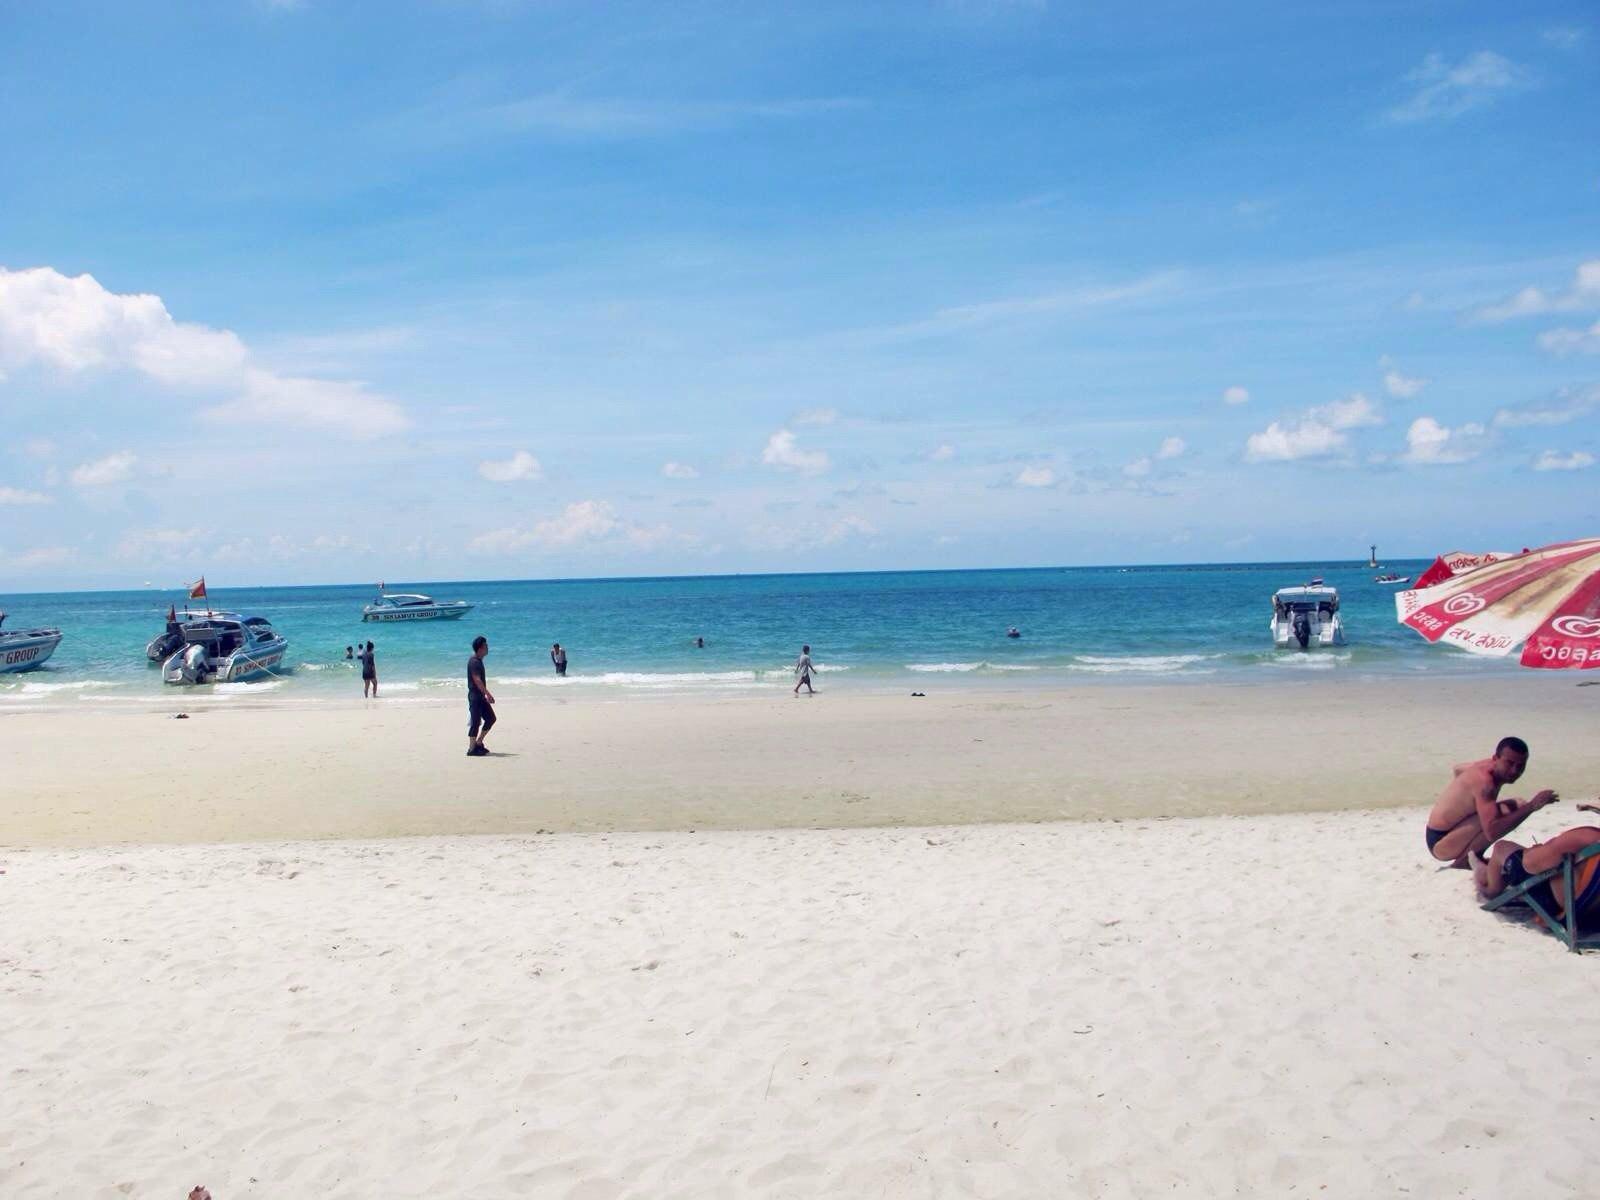 沙美岛 离开,总是依依不舍的,真想在海边呆足一个月,有种感觉叫面朝